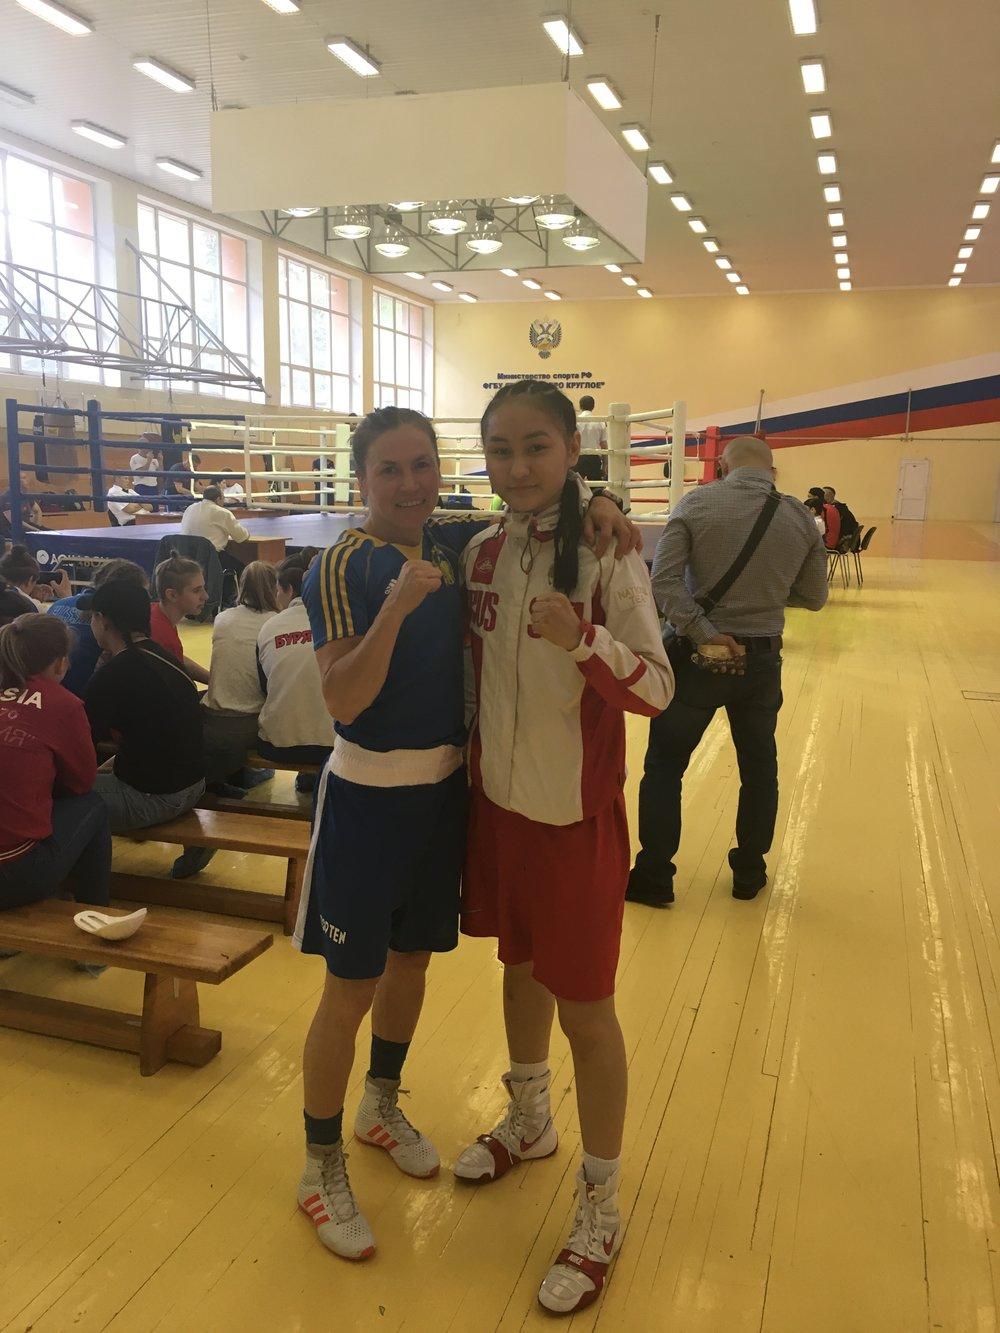 Lise fick möta Indira Shudabaeva i en testmatch som arrangerades på deras Olympiska center u Moskva.